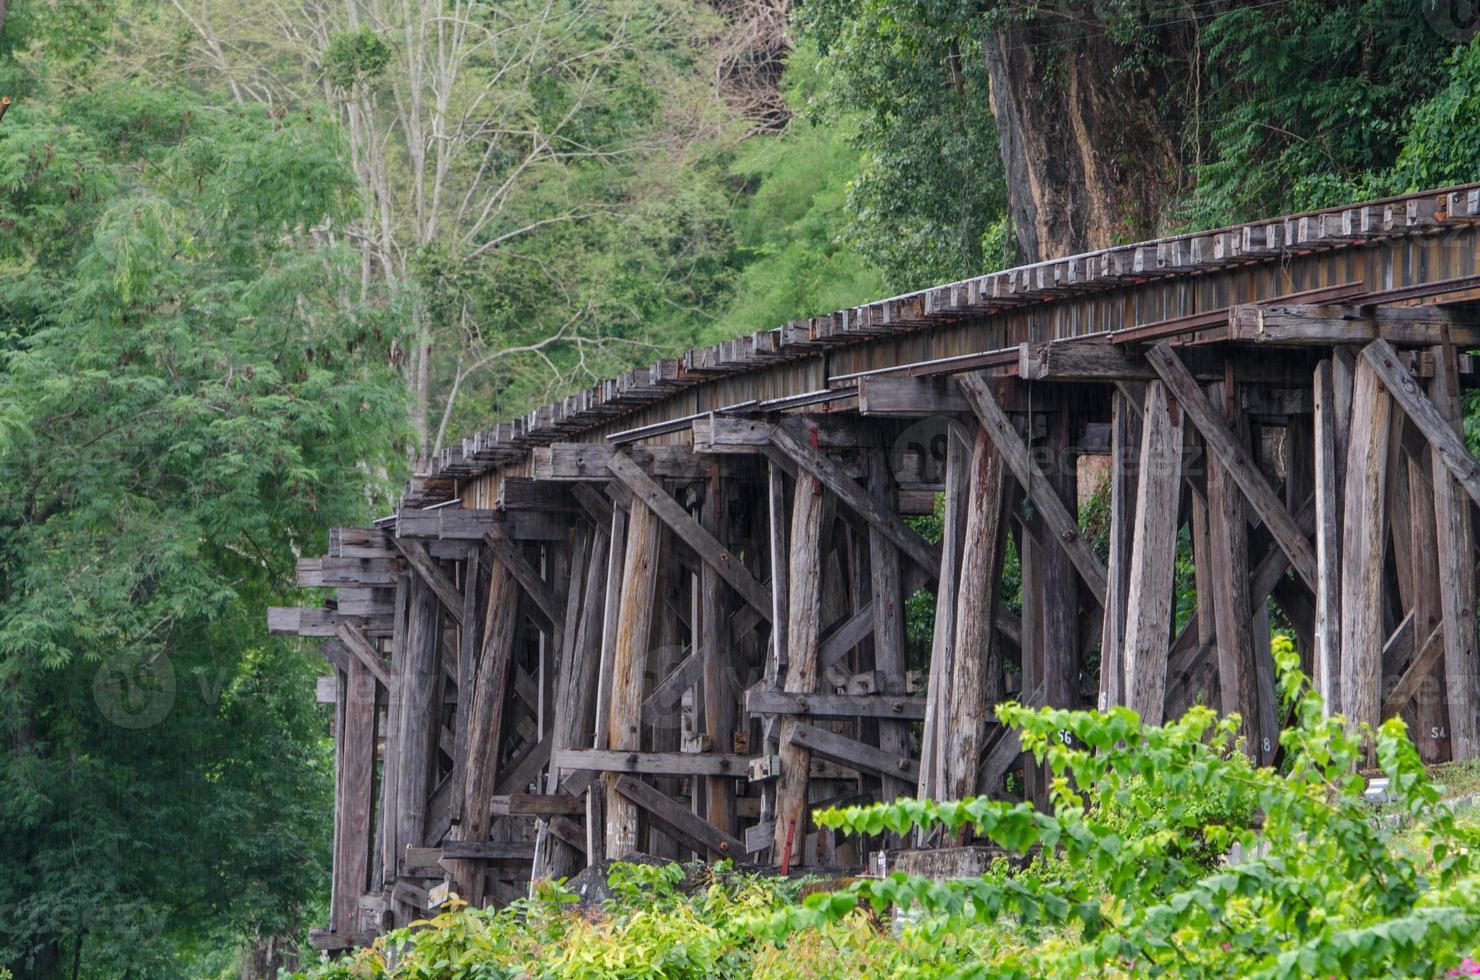 The Death Railway on a rainy photo